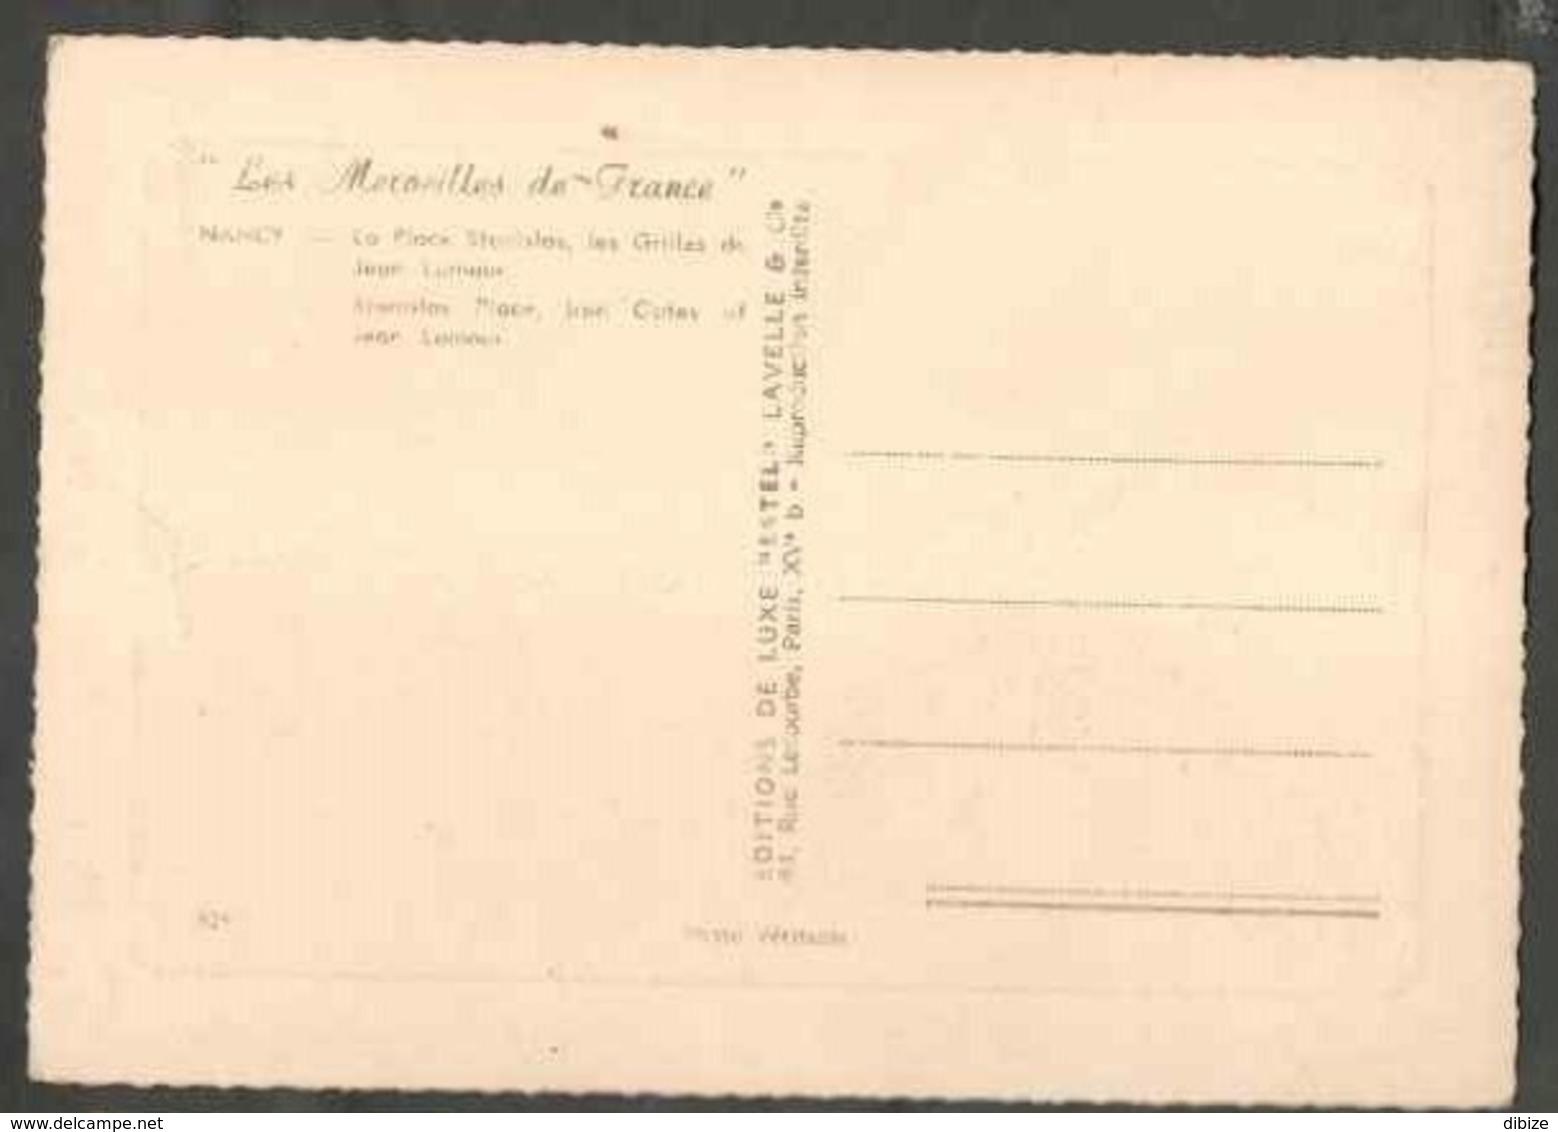 CPSM. Les Merveilles De France. Nancy. La Place Stanislas. Les Grilles De Jean Lamour. Vielles Voitures. Etat Moyen. Pli - Monuments